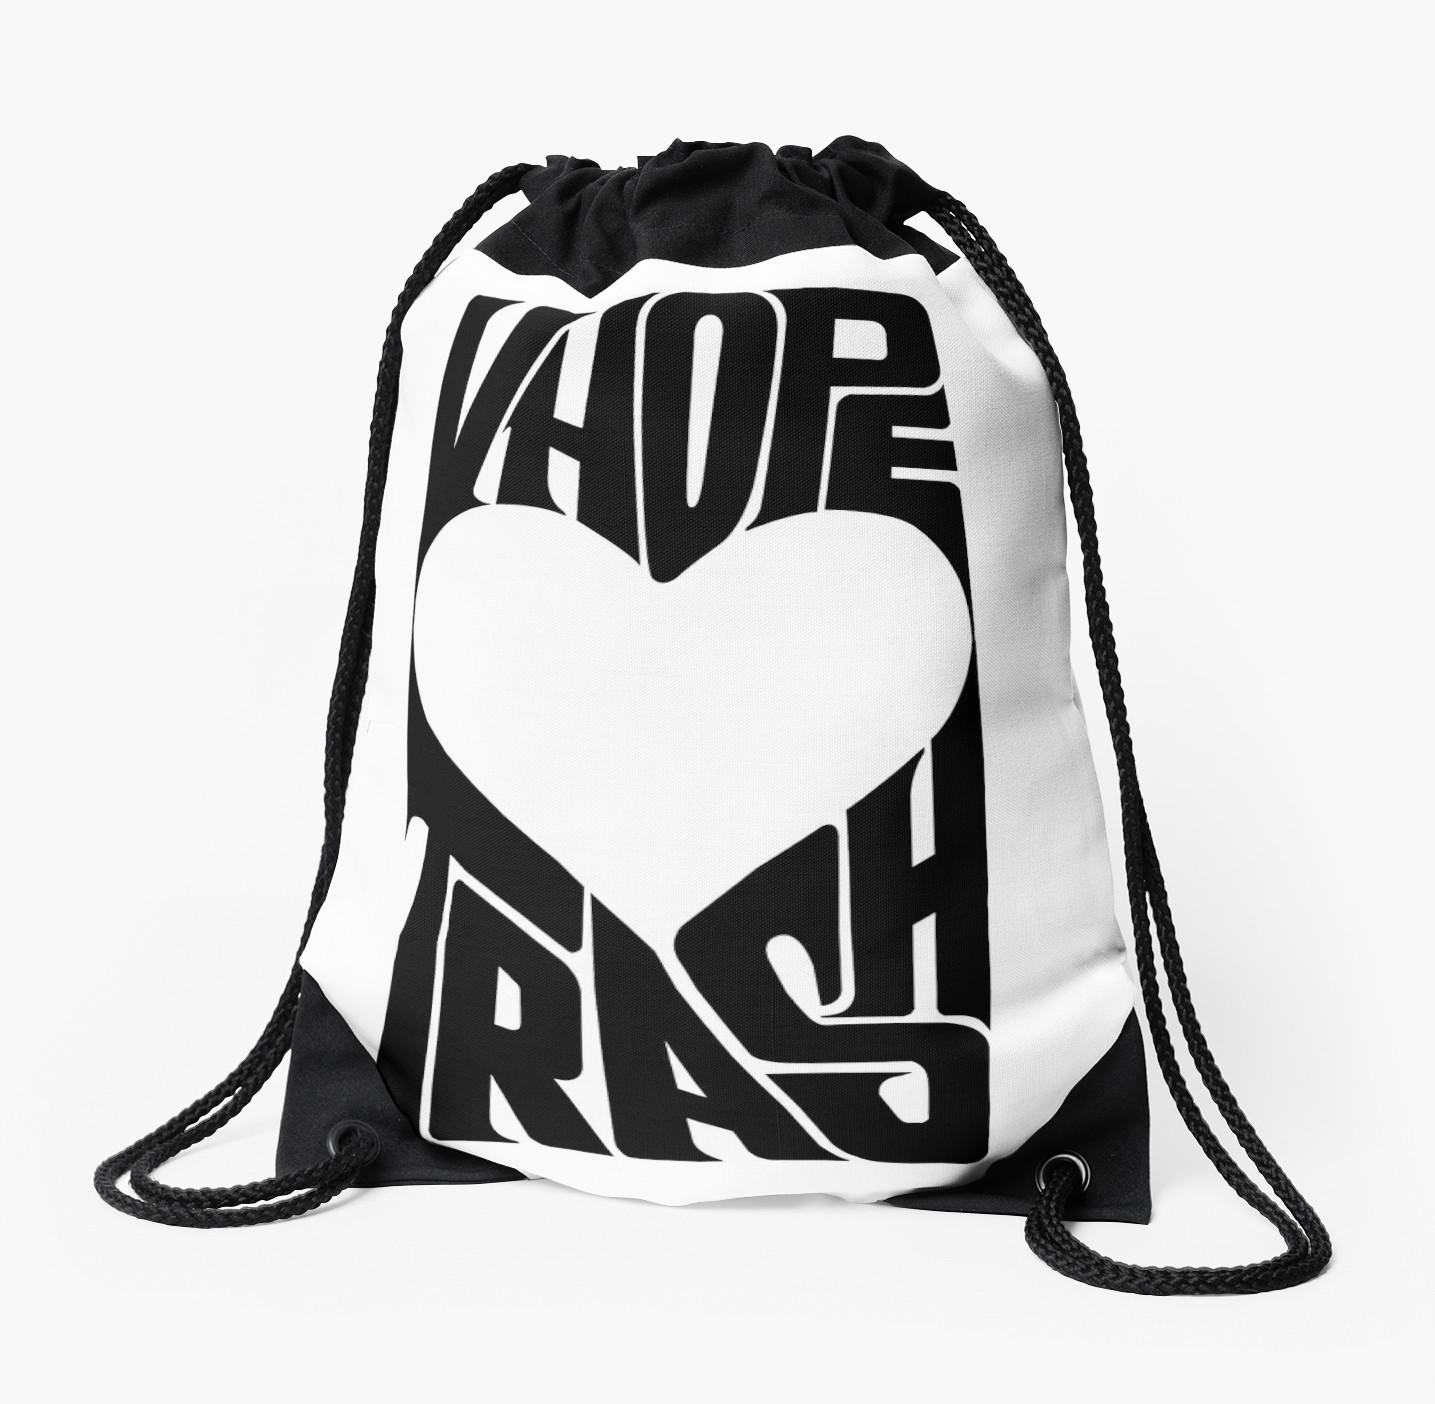 1435x1404 V Hope Trash